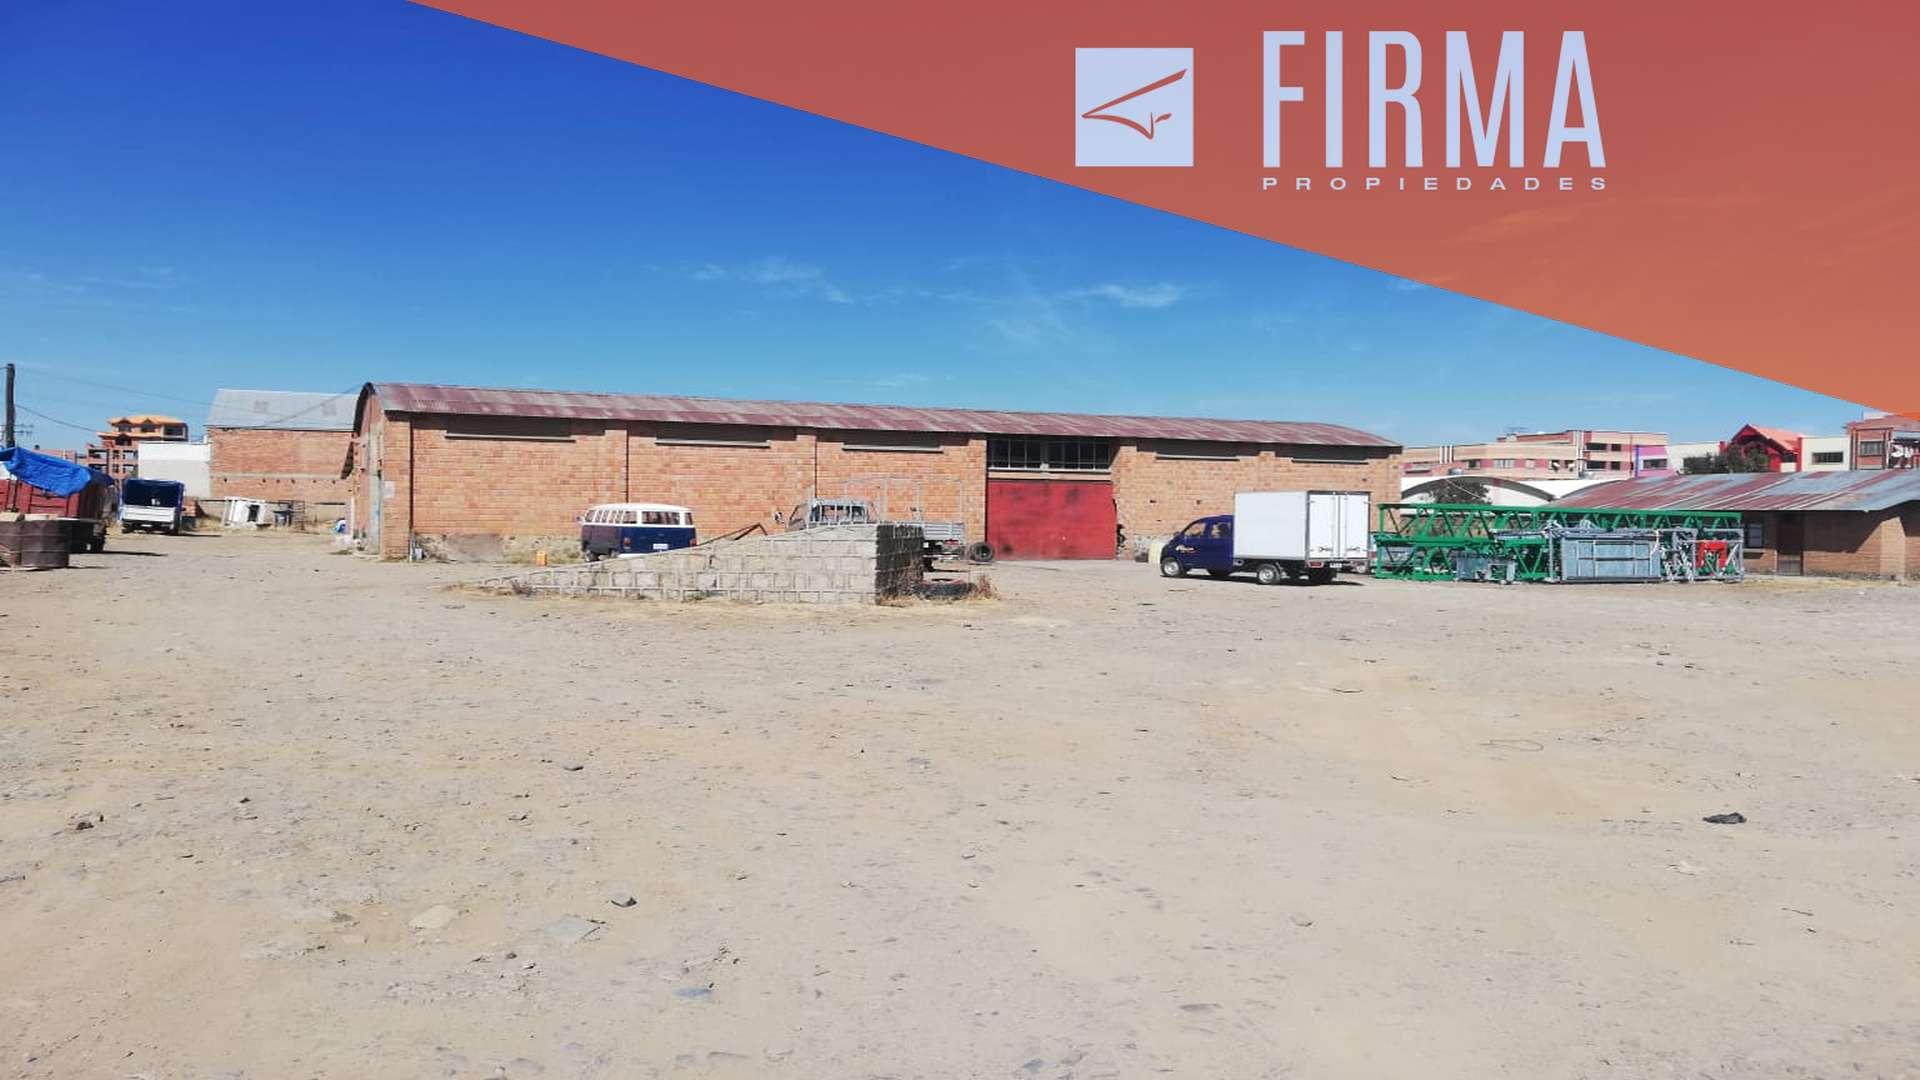 Terreno en Venta FTV36593 – COMPRA TU TERRENO EN EL ALTO Foto 2